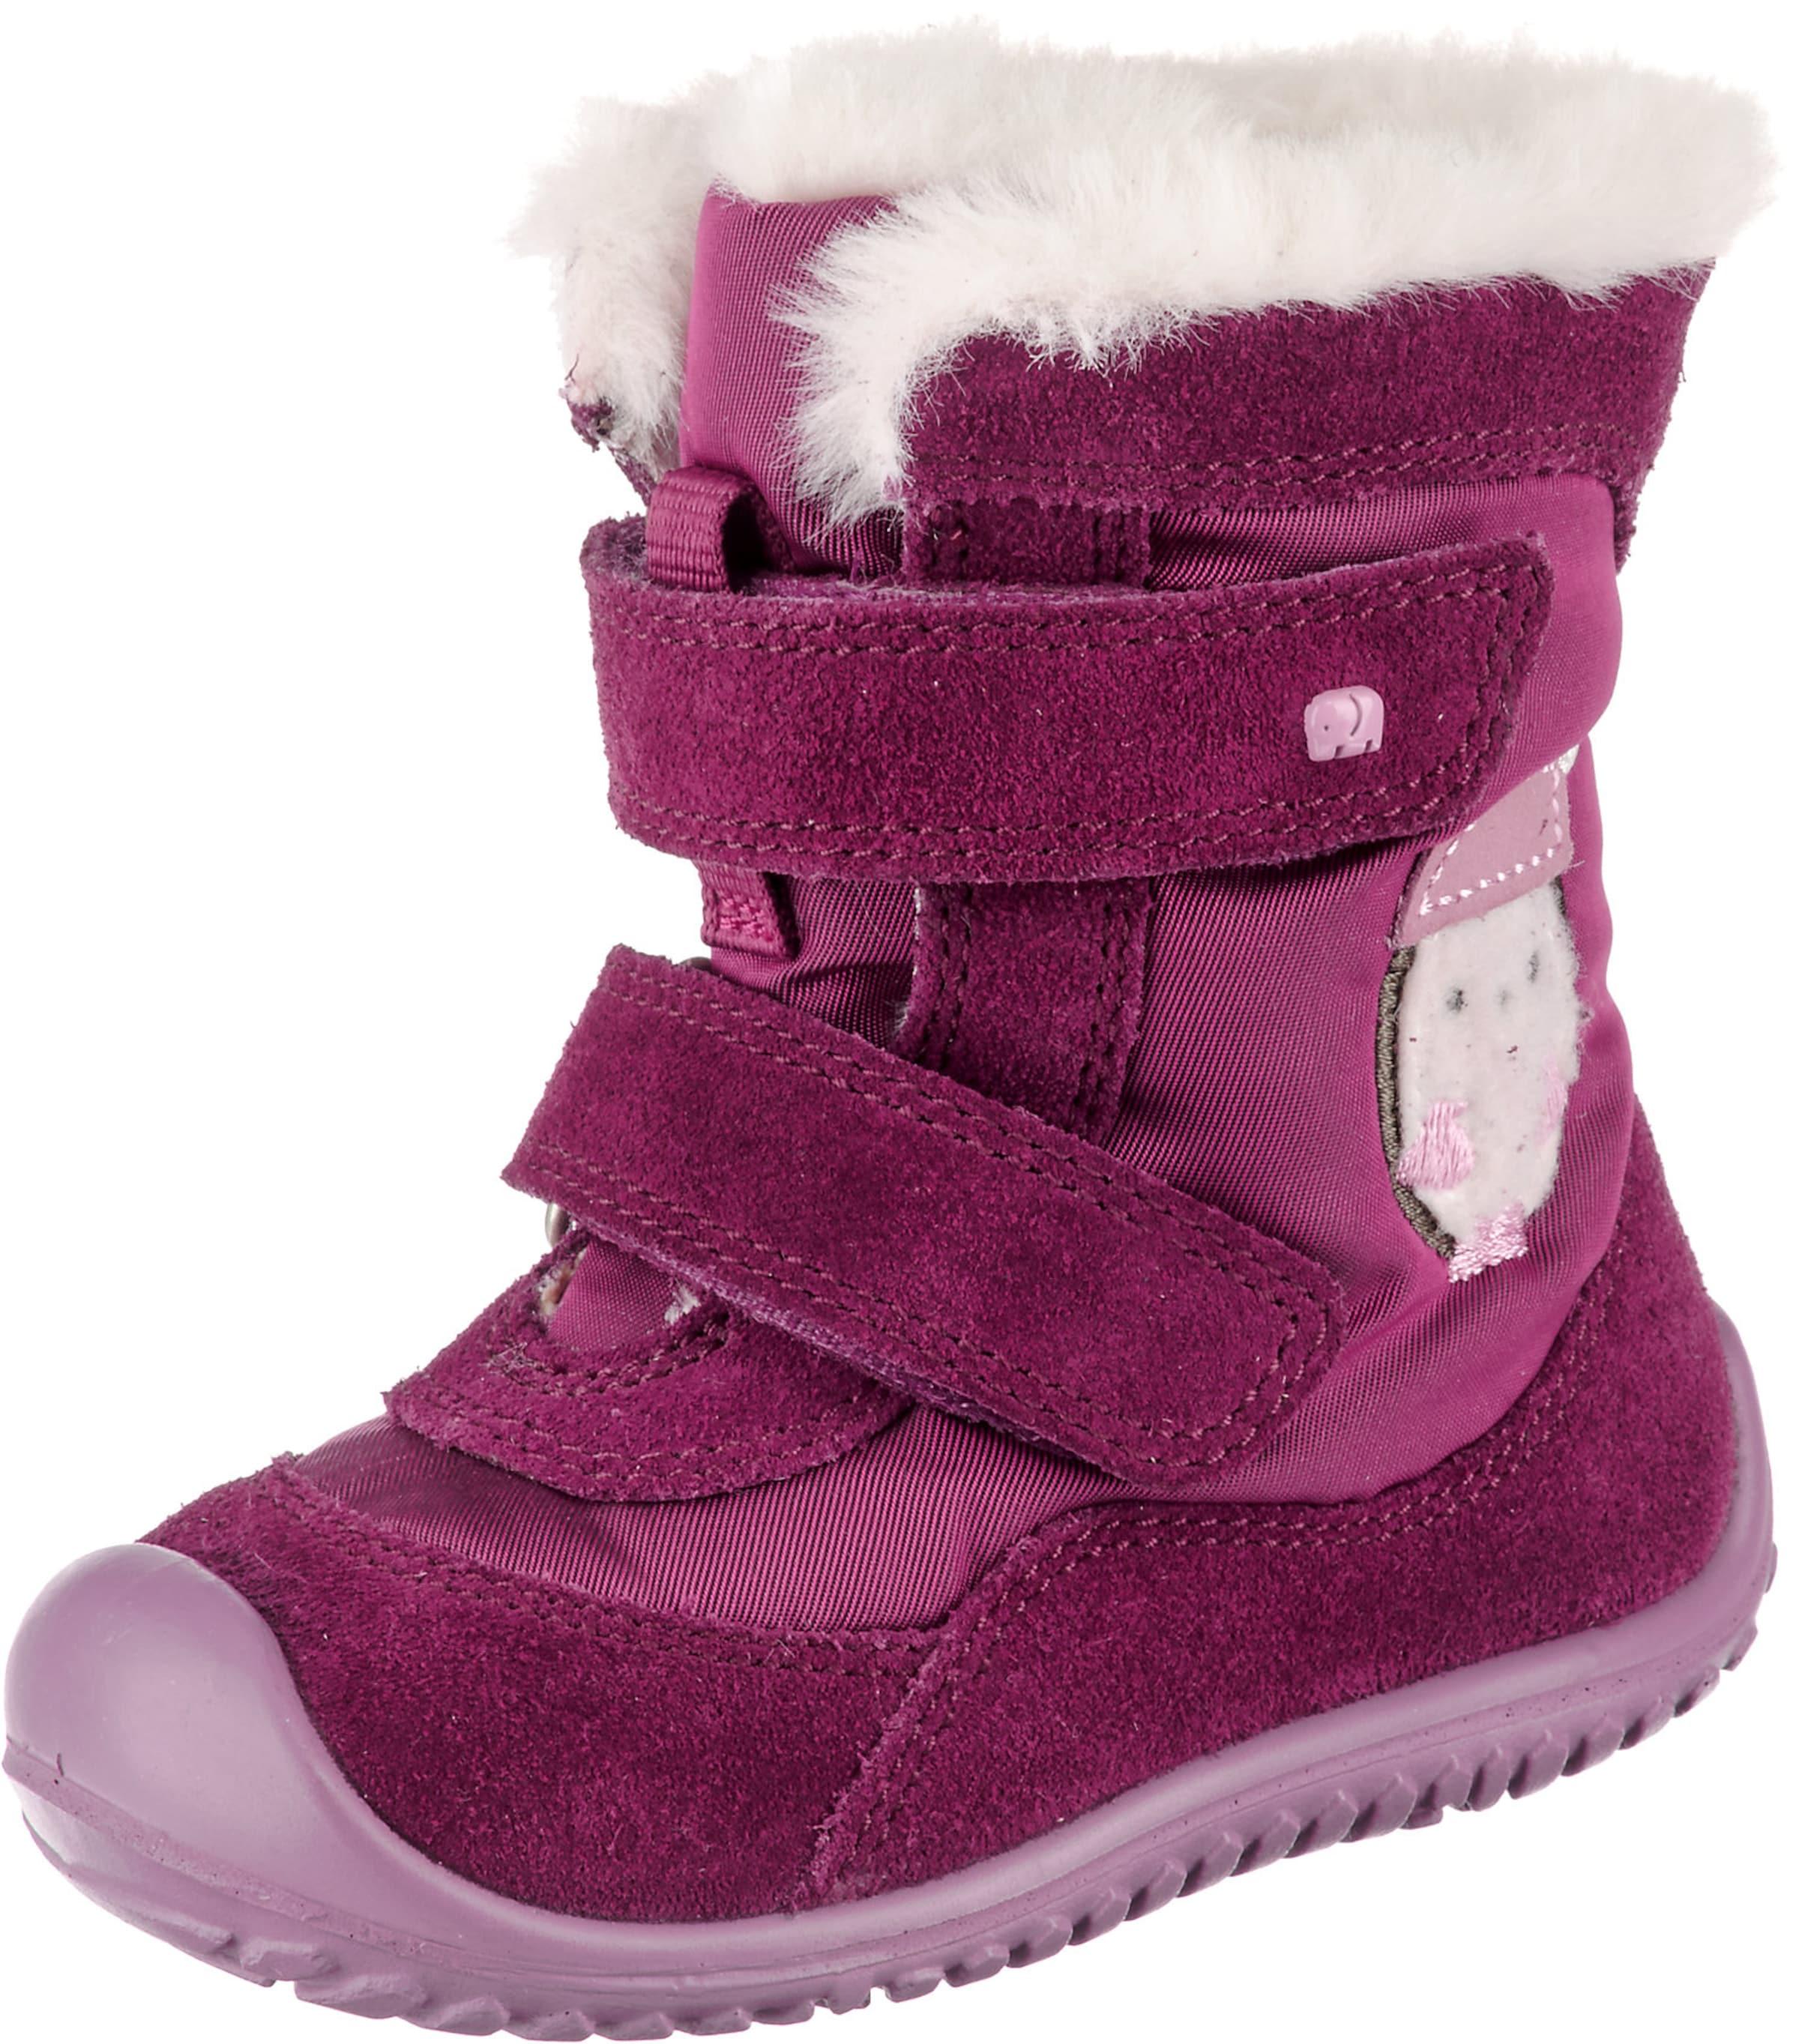 Kinder,  Mädchen,  Kinder elefanten Winterstiefel SEPEN beere,  rot | 04054613659830